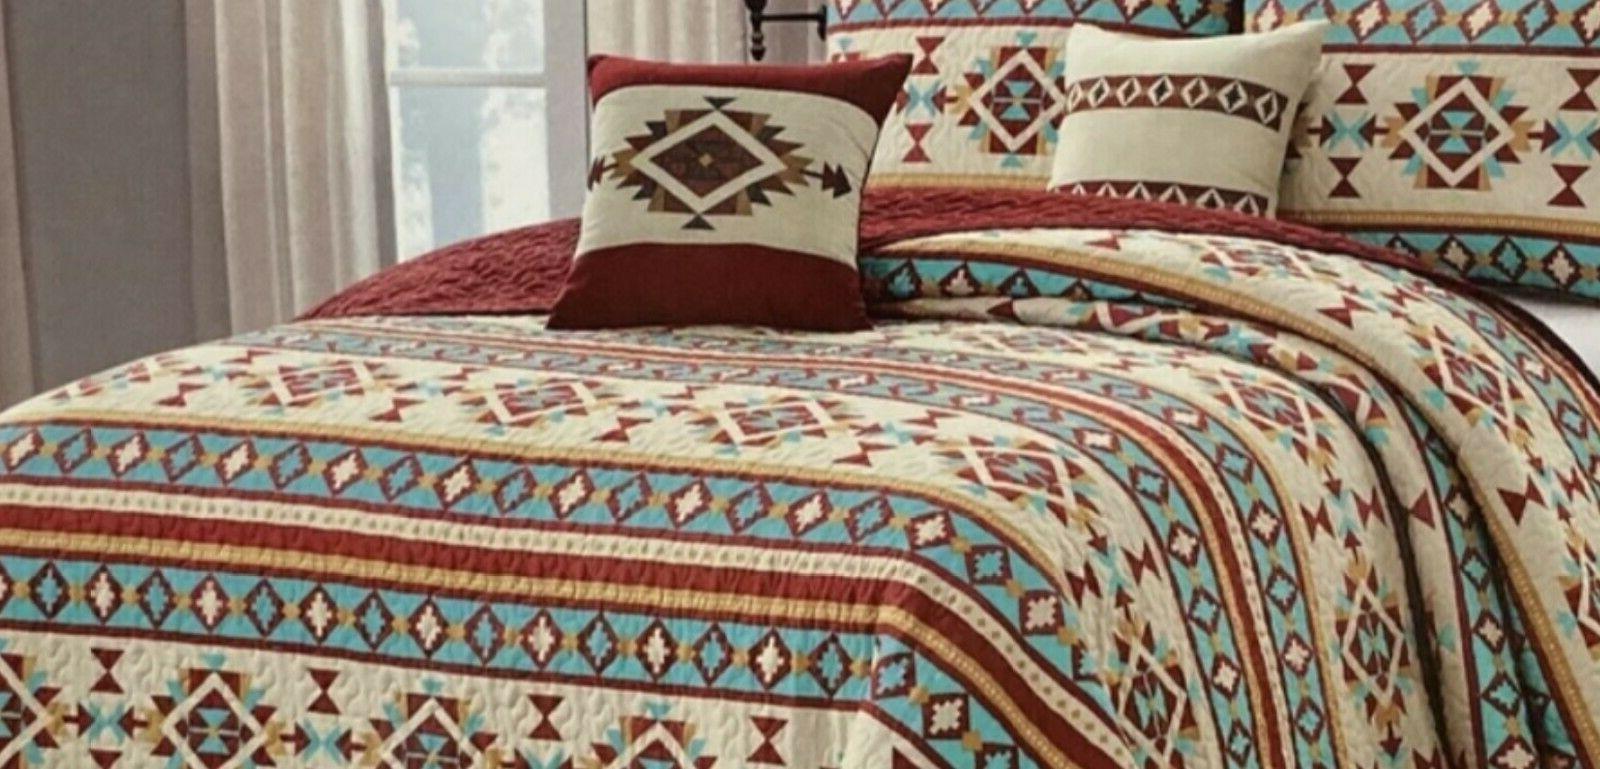 Quilt 3, 5 Reversible Bedspread Queen Gift